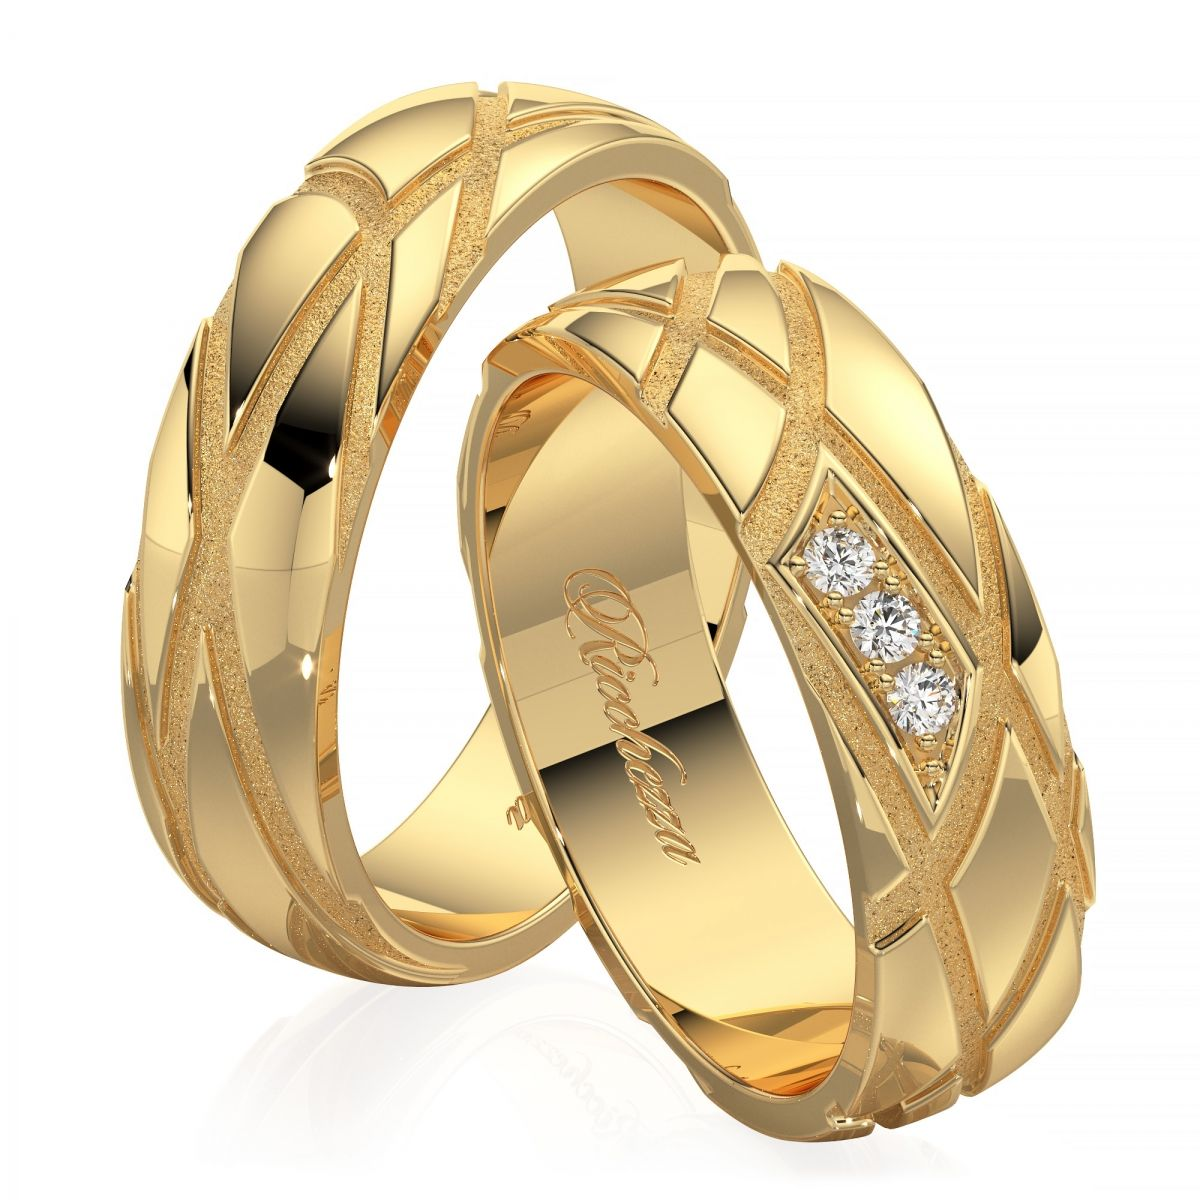 Обручальные кольца ERS8 — Ricchezza — ювелирные изделия   J ... 8e9b5a61b09